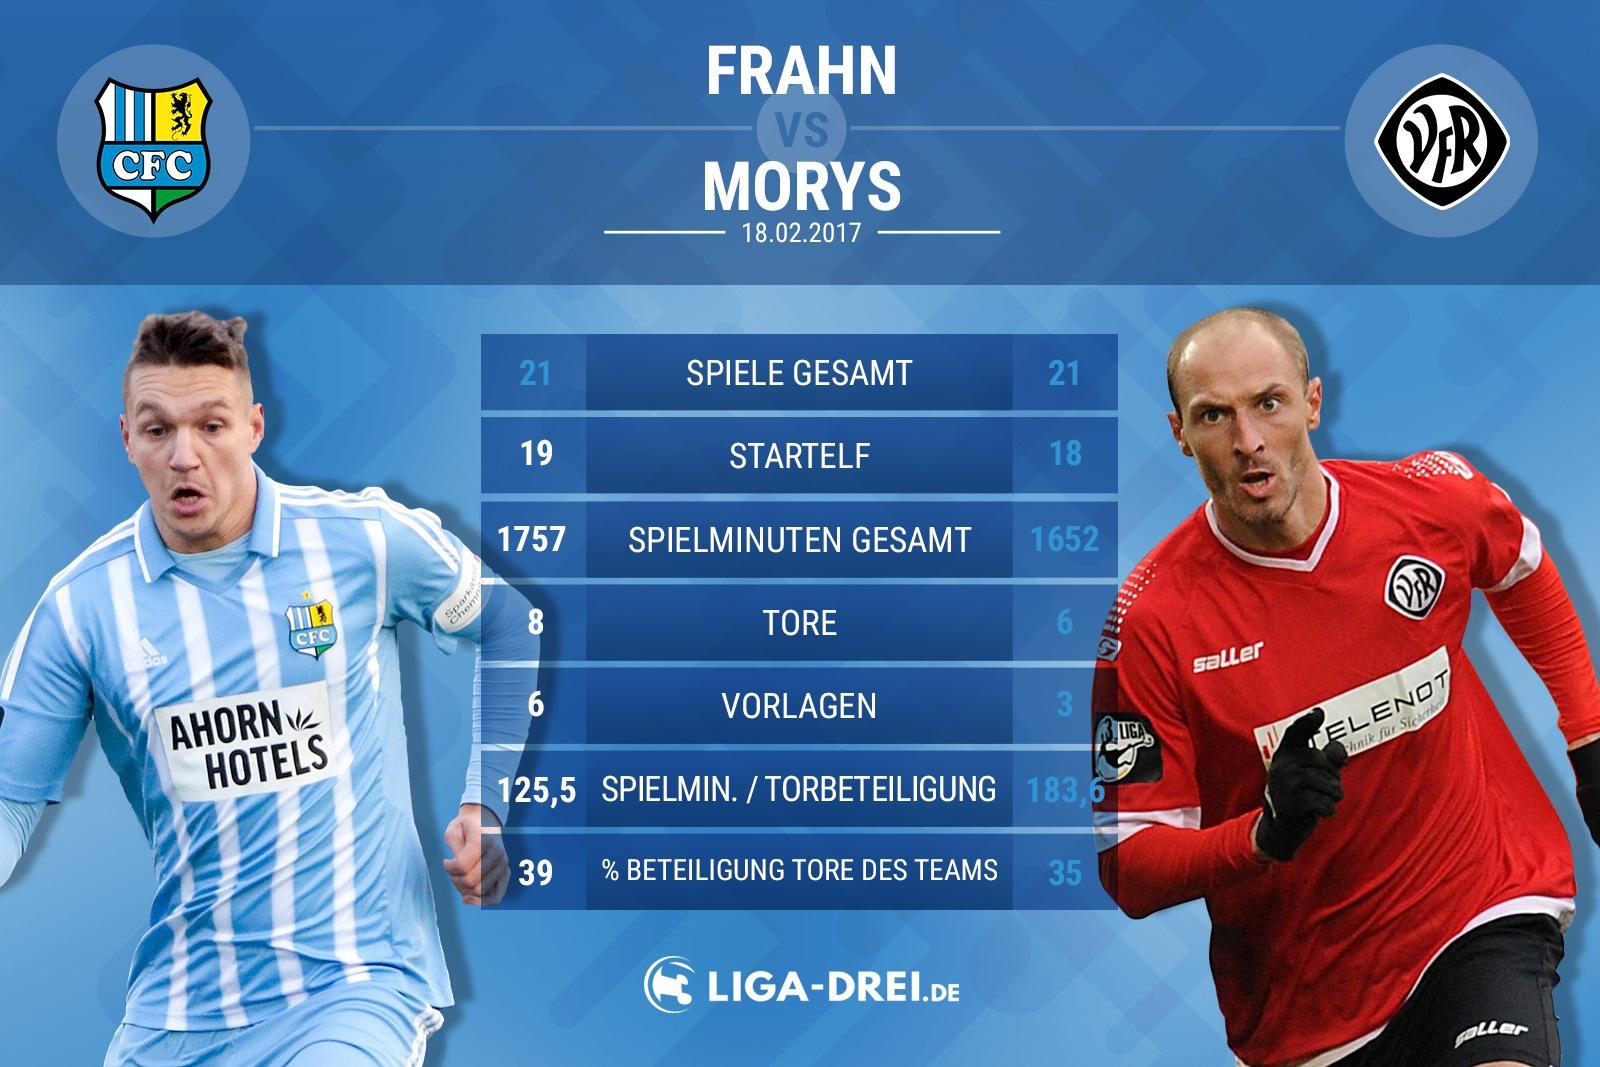 Spielervergleich von Frahn & Morys